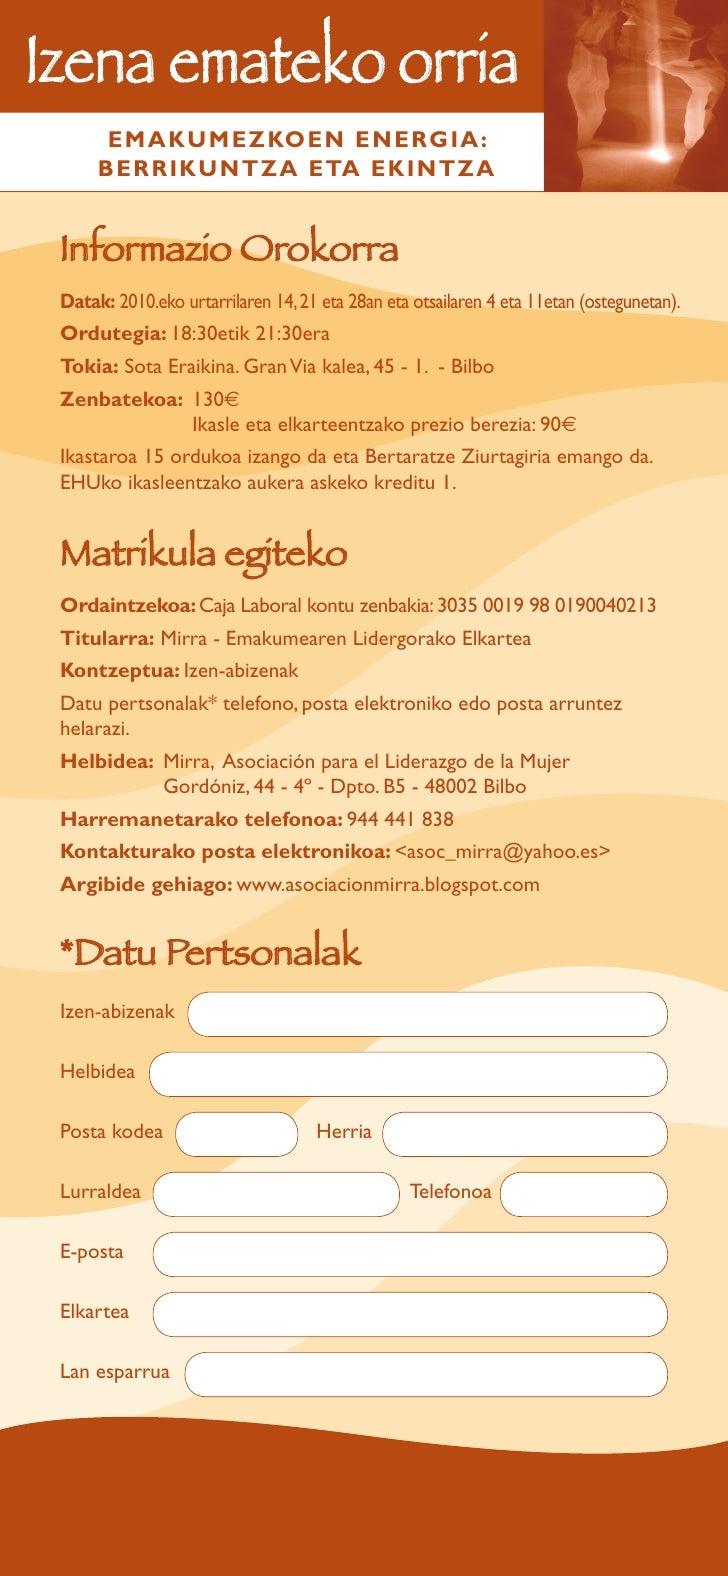 Izena emateko orria        EMAKUMEZKOEN ENERGIA:       BERRIKUNTZA ETA EKINTZA    Informazio Orokorra  Datak: 2010.eko urt...